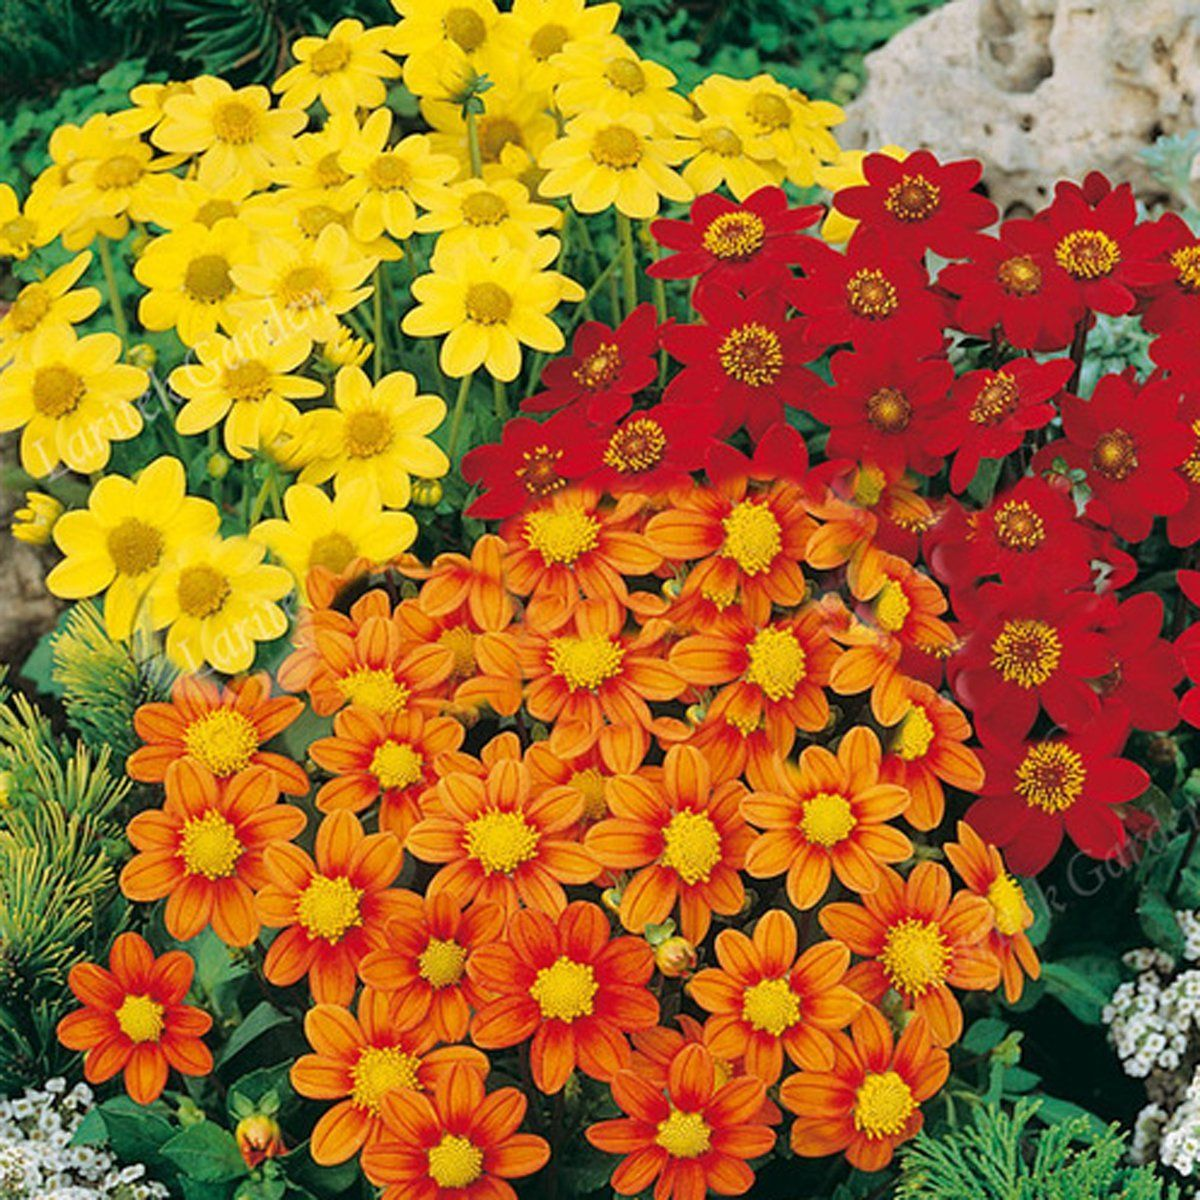 Amazon Best Garden Seeds New Rare Dark Red Orange Yellow 3